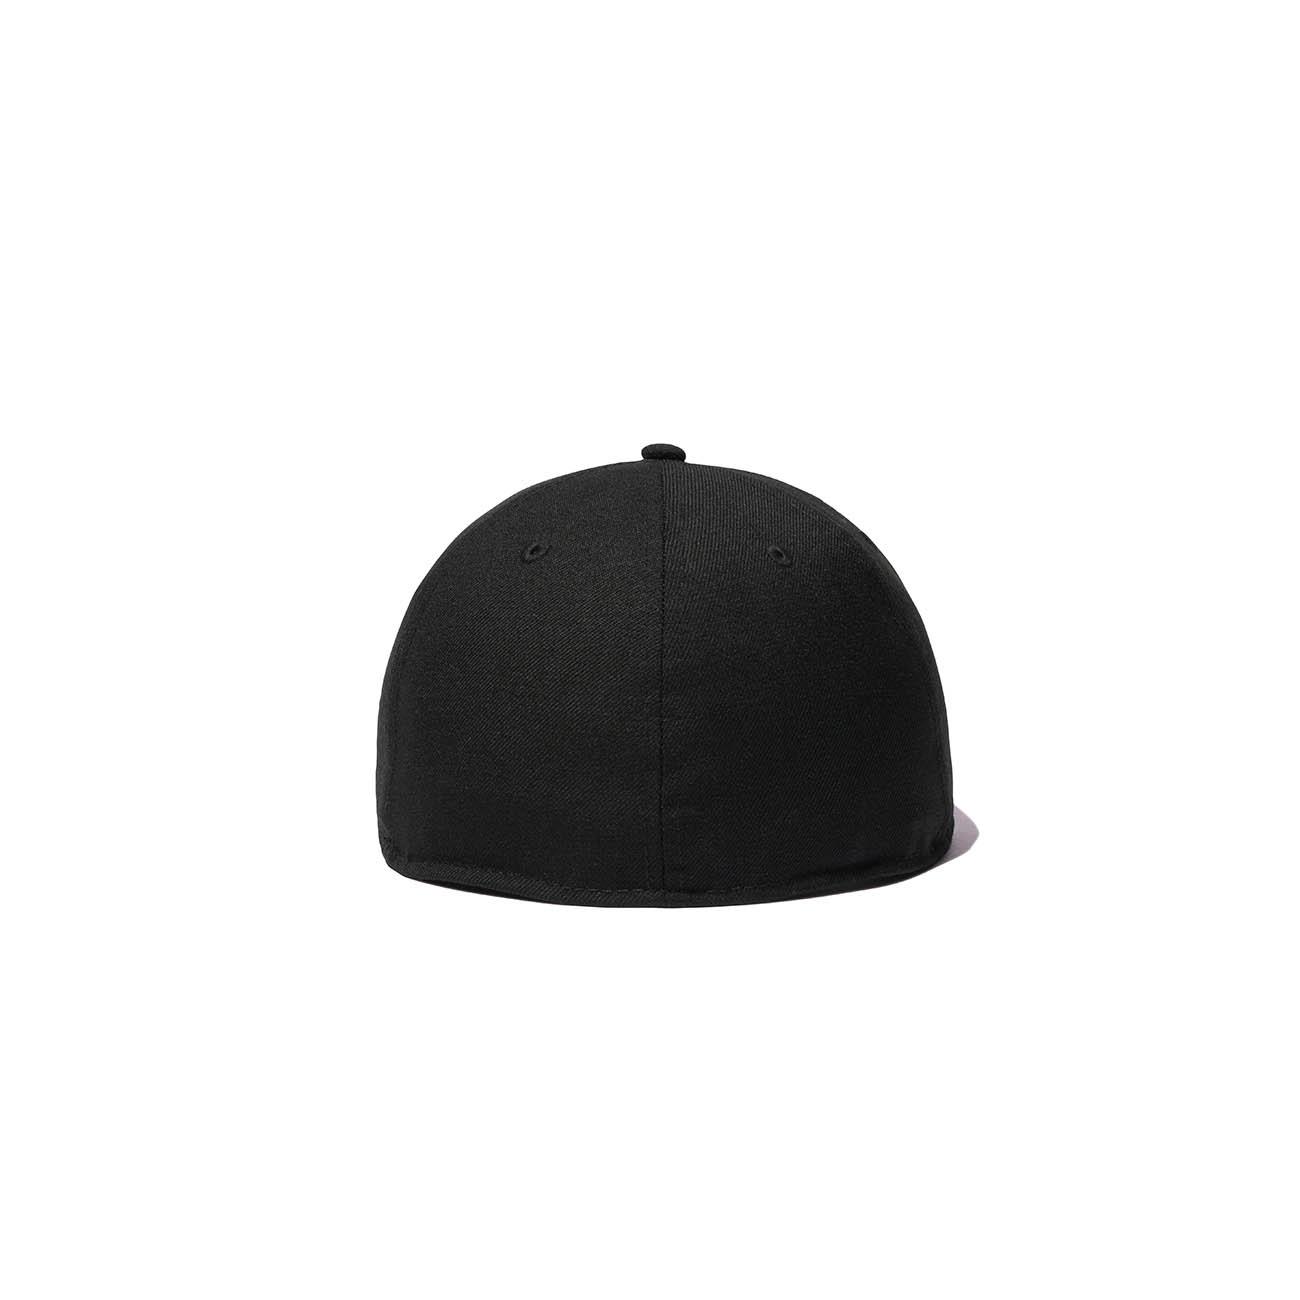 Yohji Yamamoto × New Era BLACK SERGE 59FIFTY LOGO BLACK/SILVER